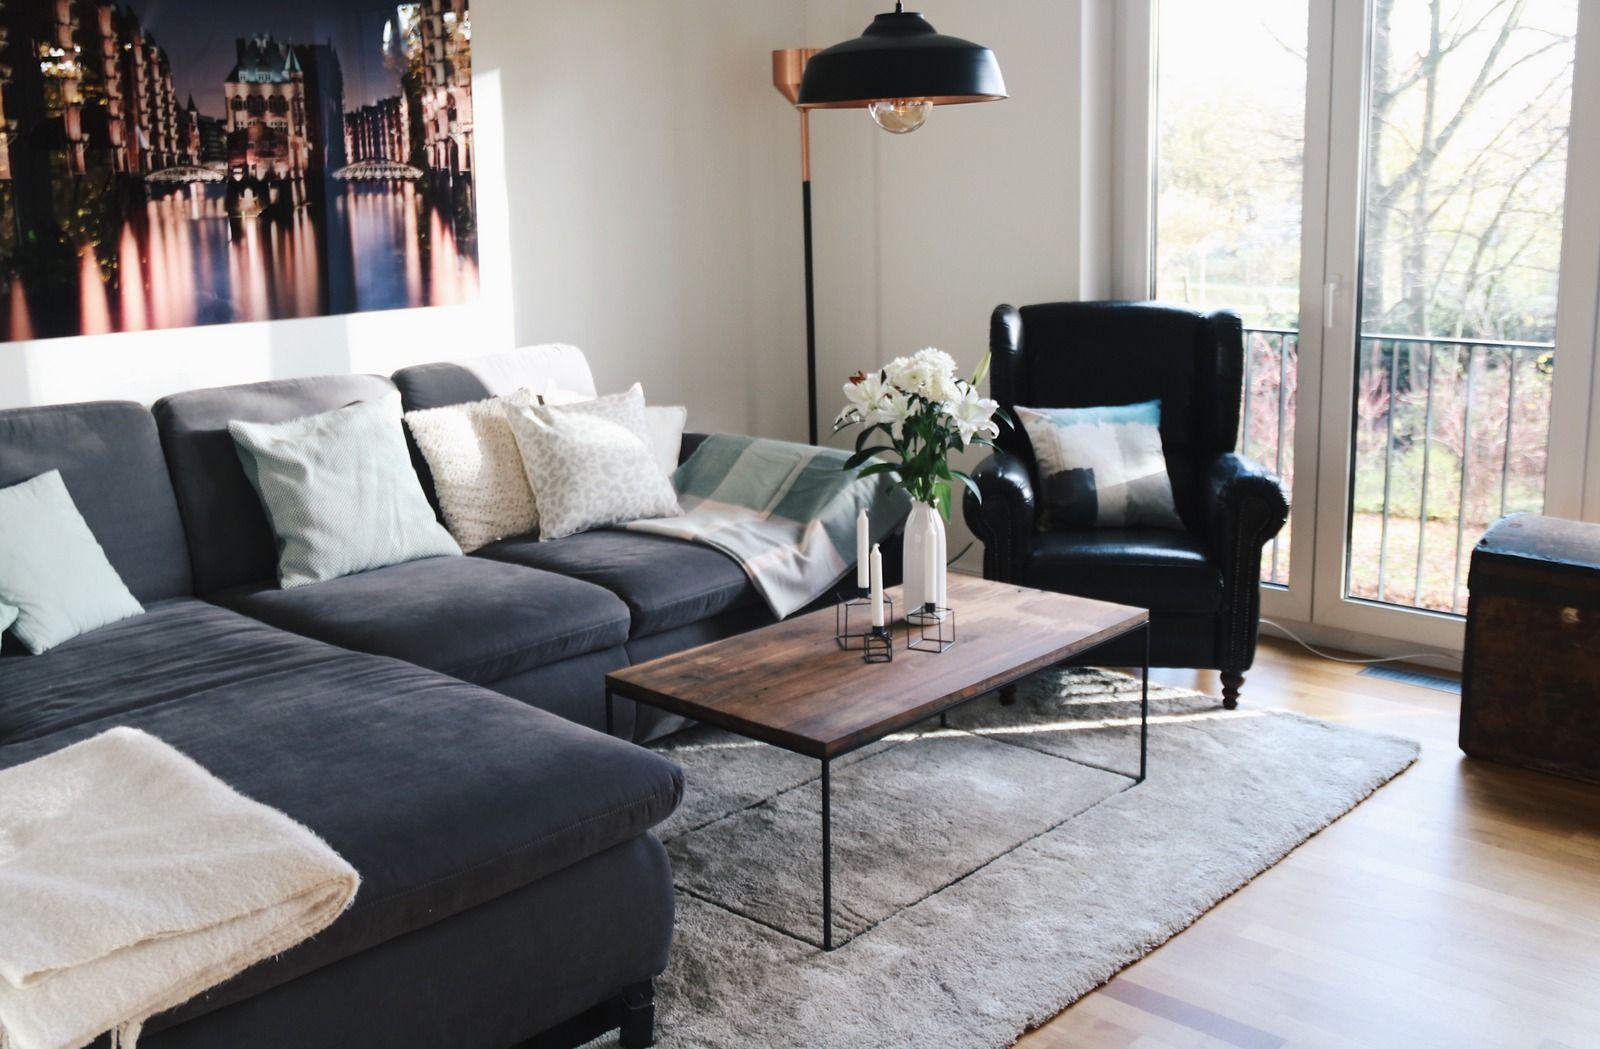 Wohnzimmer Update - Relax in Winter mit Esprit Home | Winter